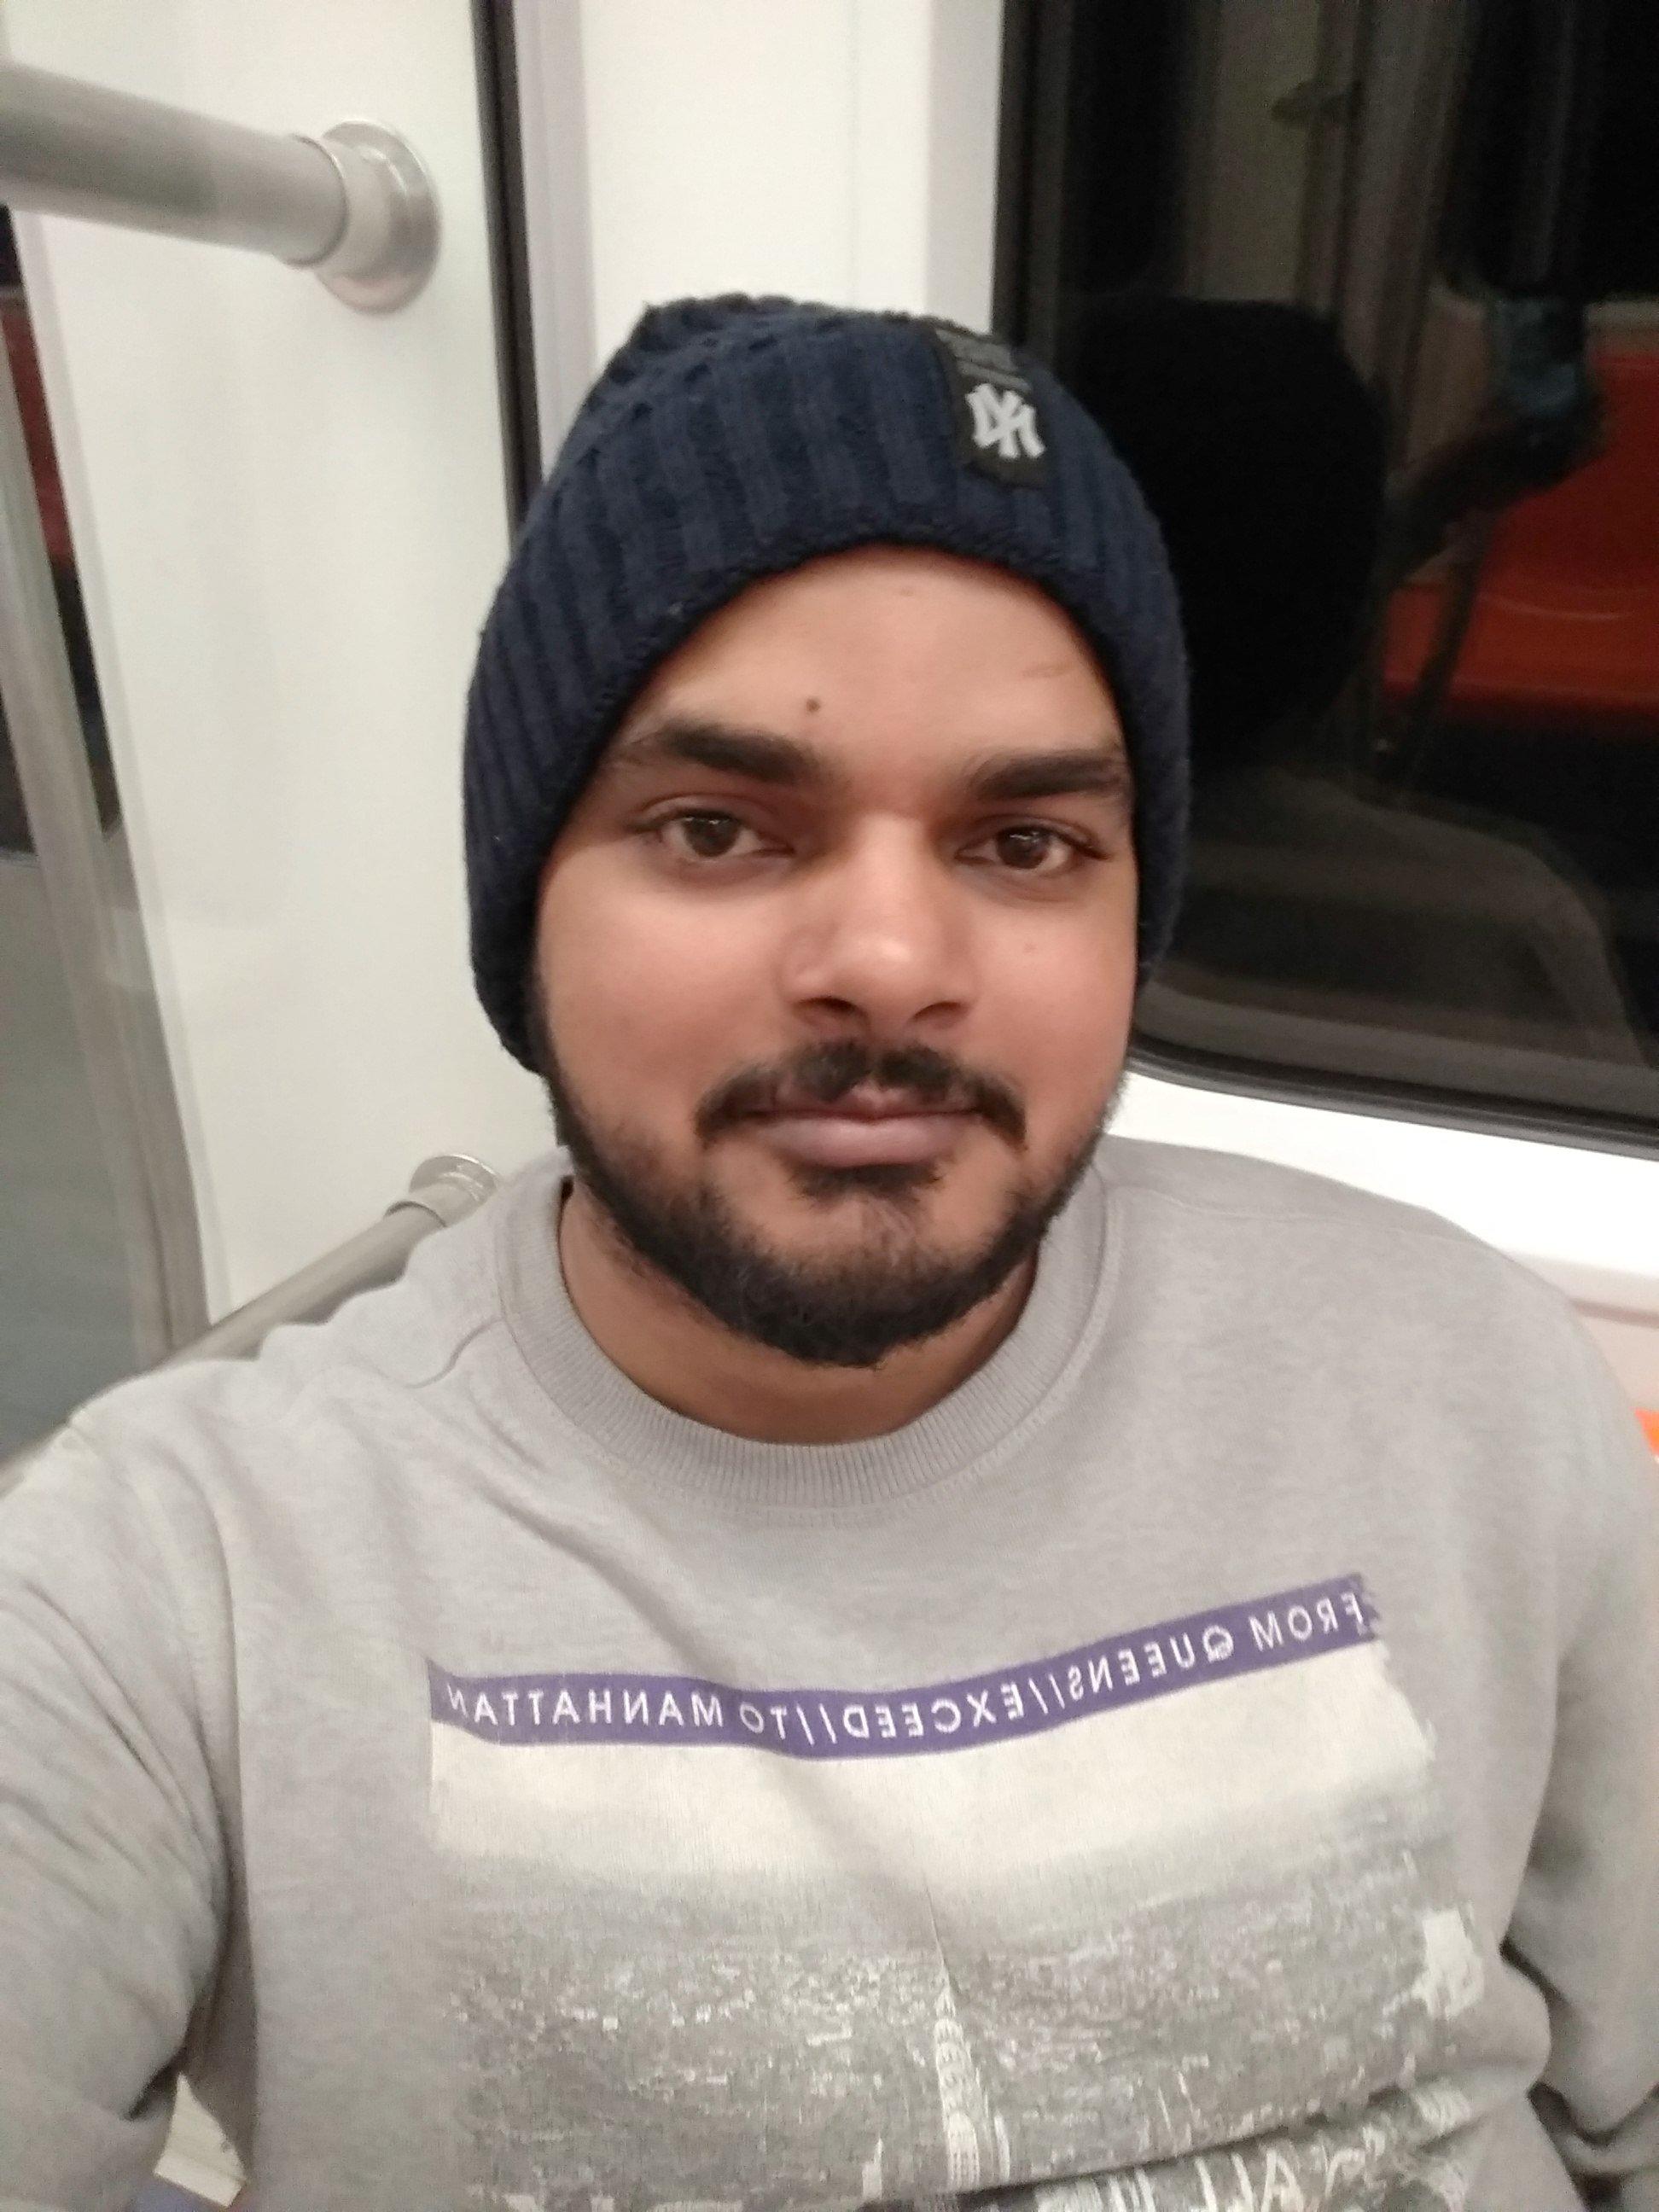 @TripathiNirbhay